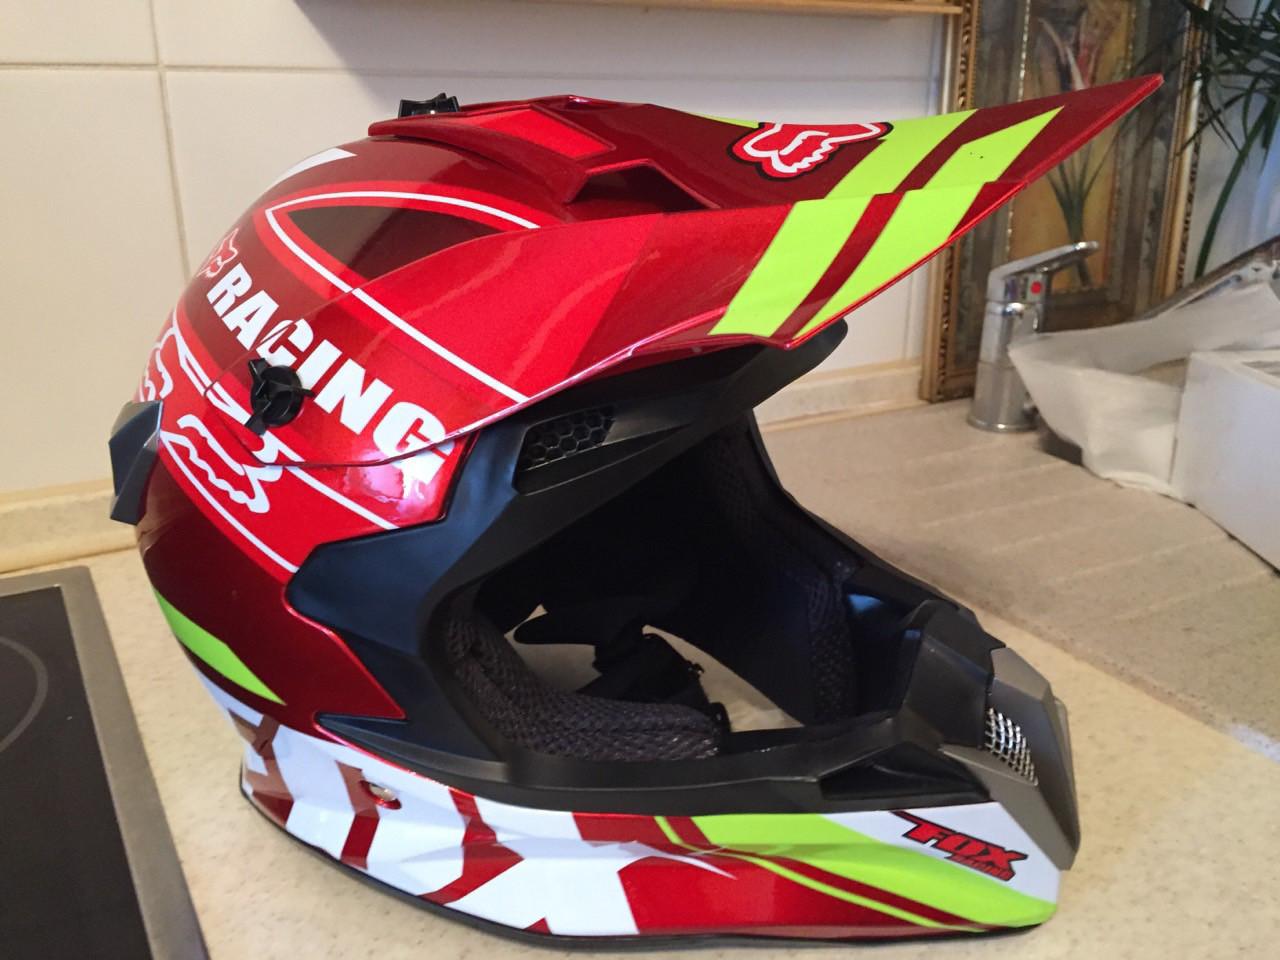 Красный Кроссовый эндуро мото шлем Fox под очки (эндуро, даунхил)